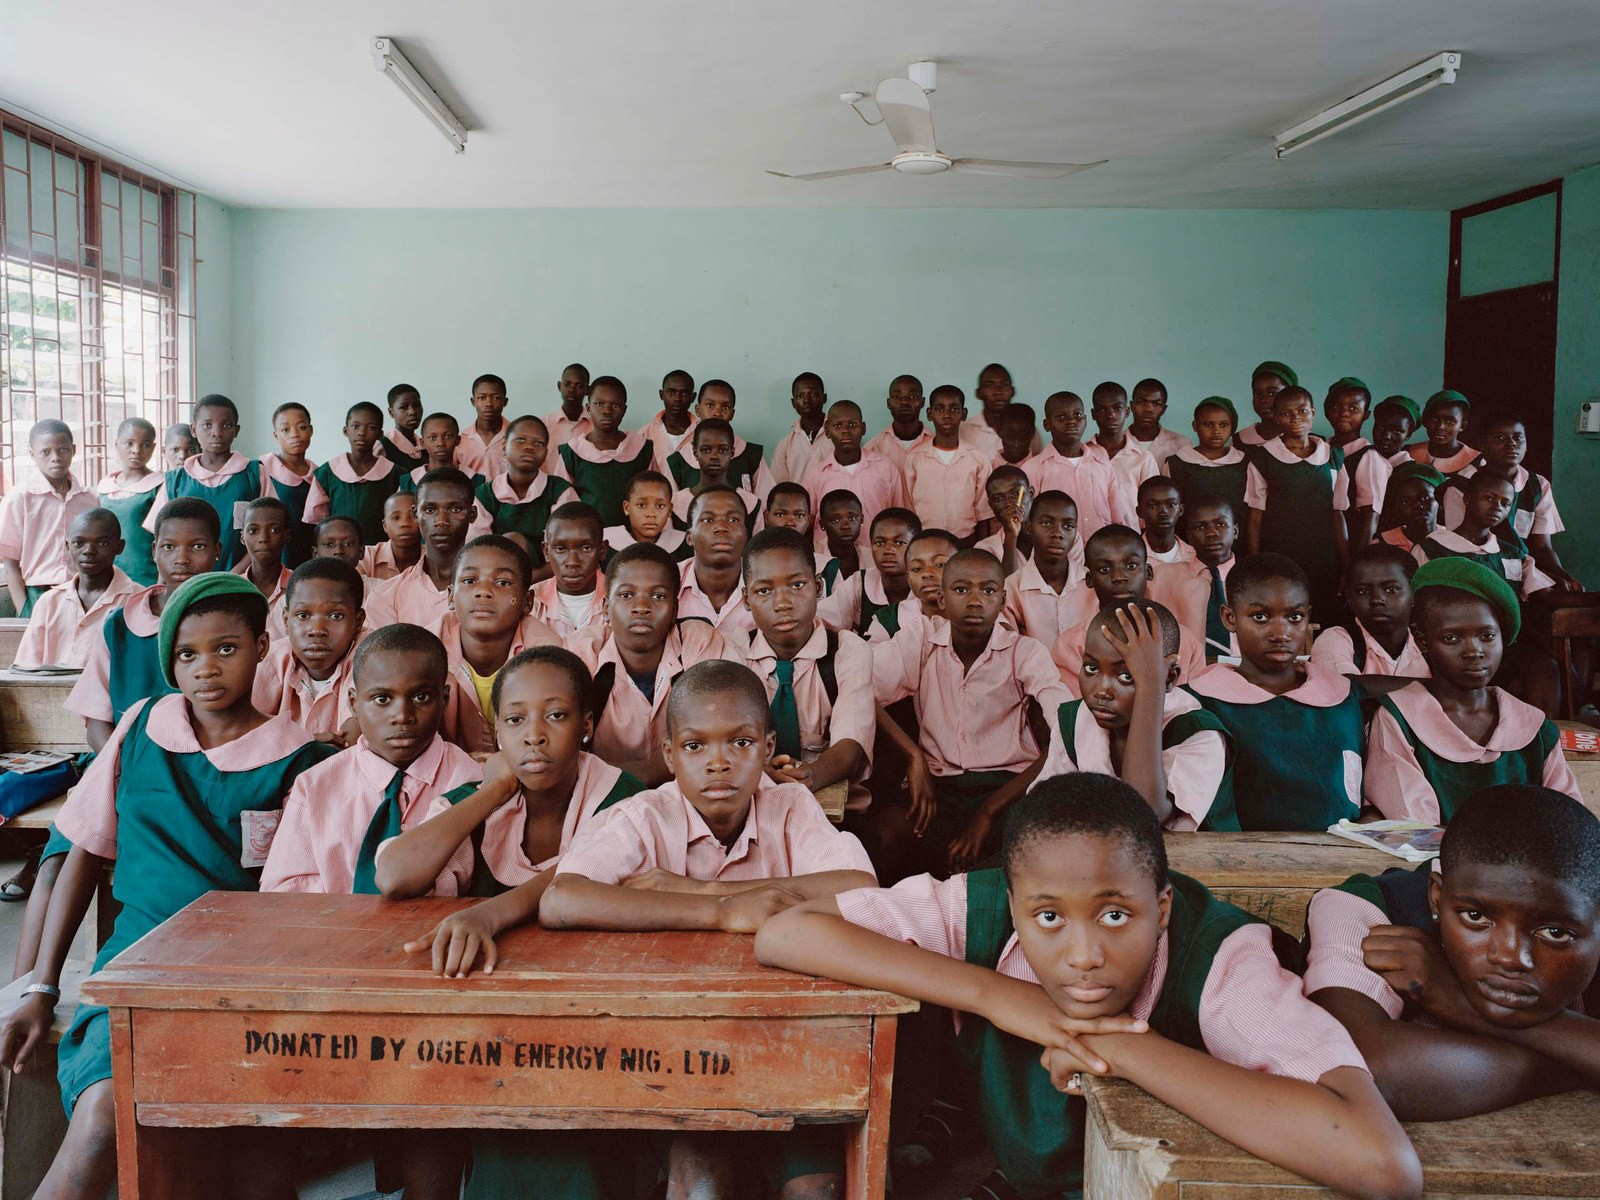 14school_uniforms_around_the_world1